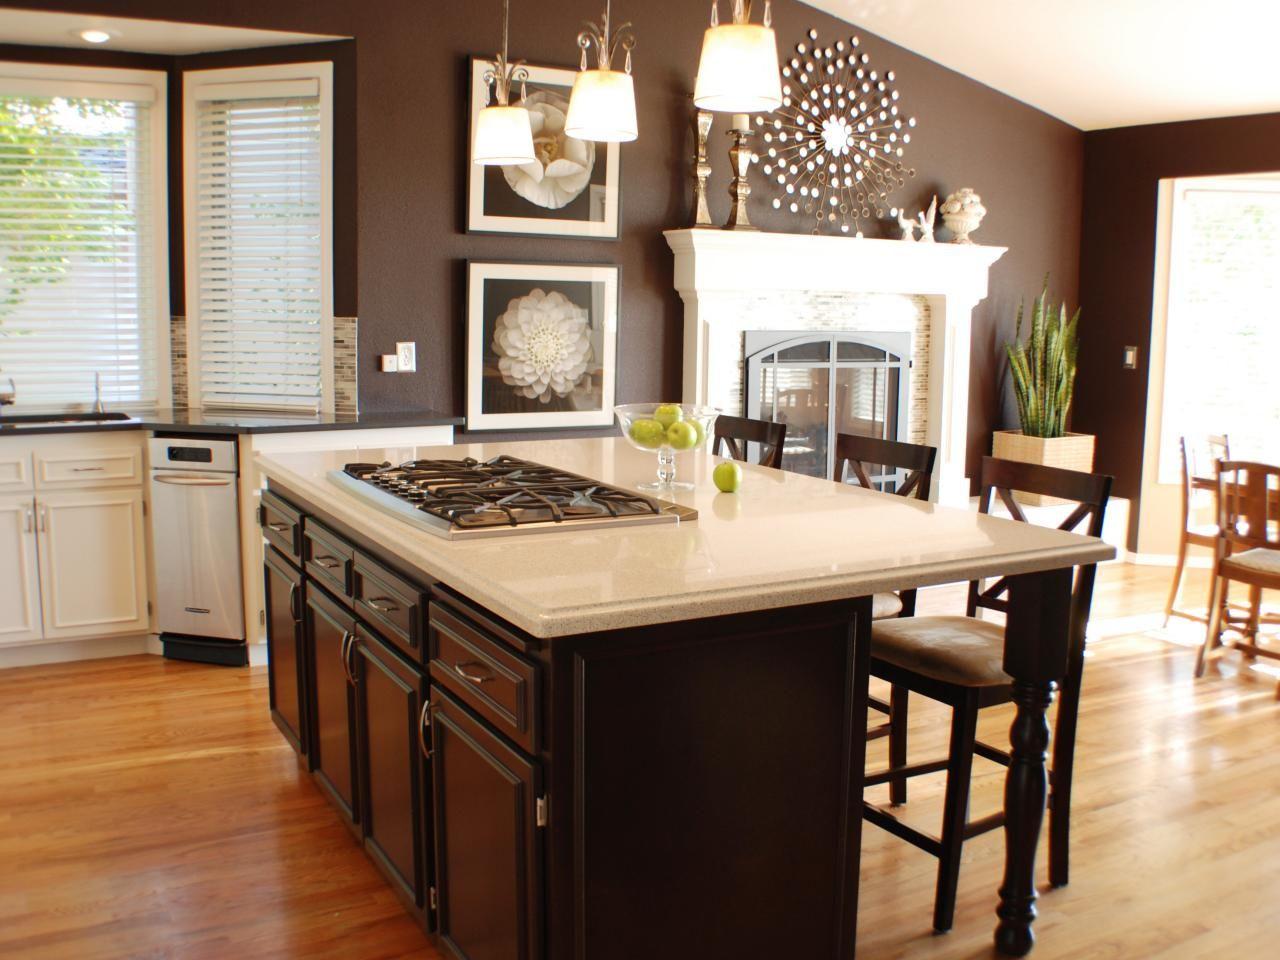 Küche Insel Stühle - Küchen | Hausmodelle | Pinterest | Küche insel ...